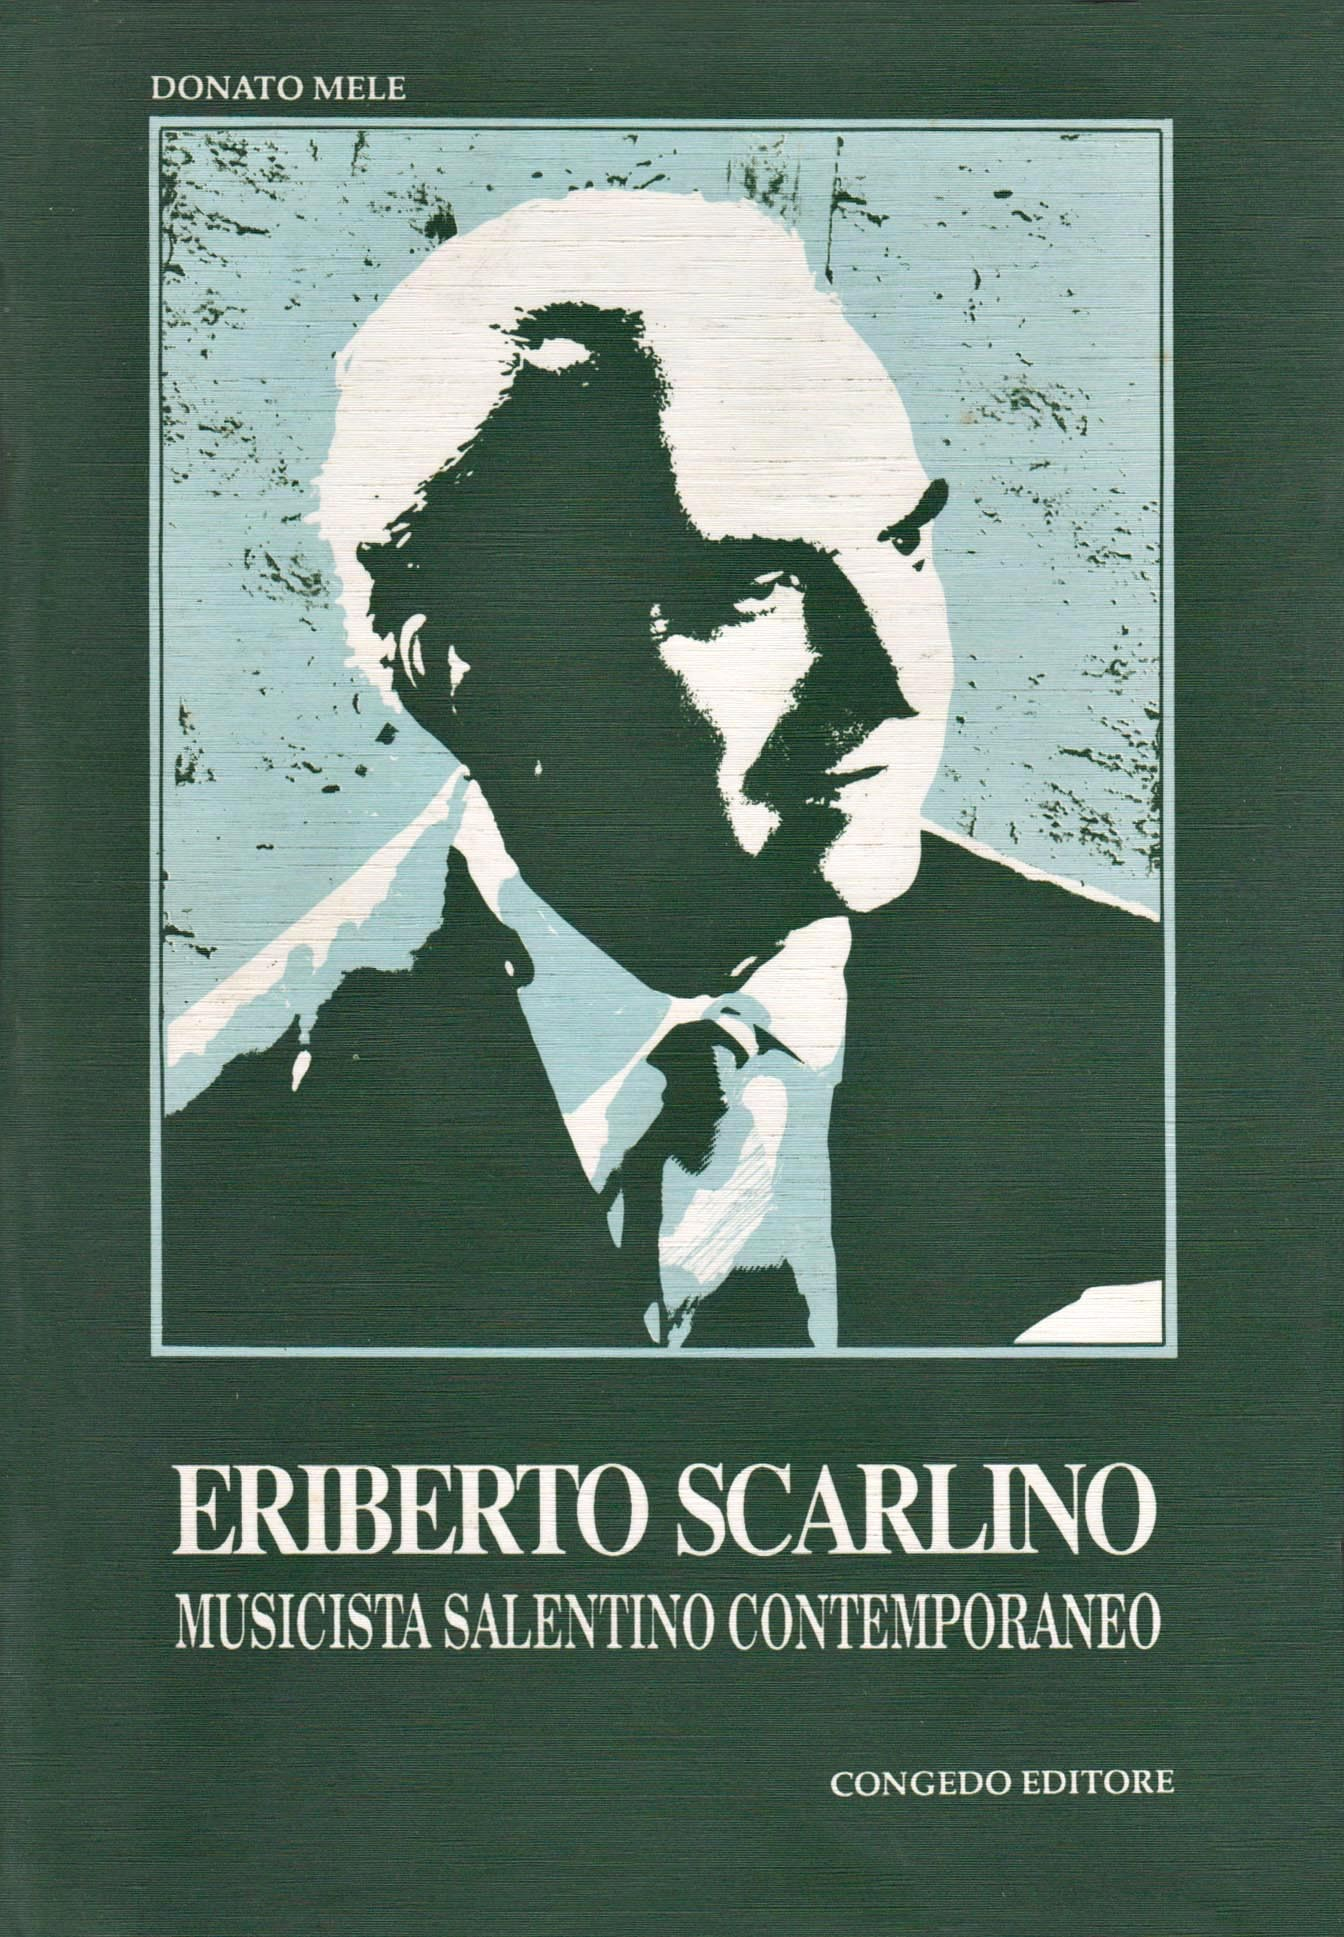 Eriberto Scarlino. Musicista salentino contemporaneo